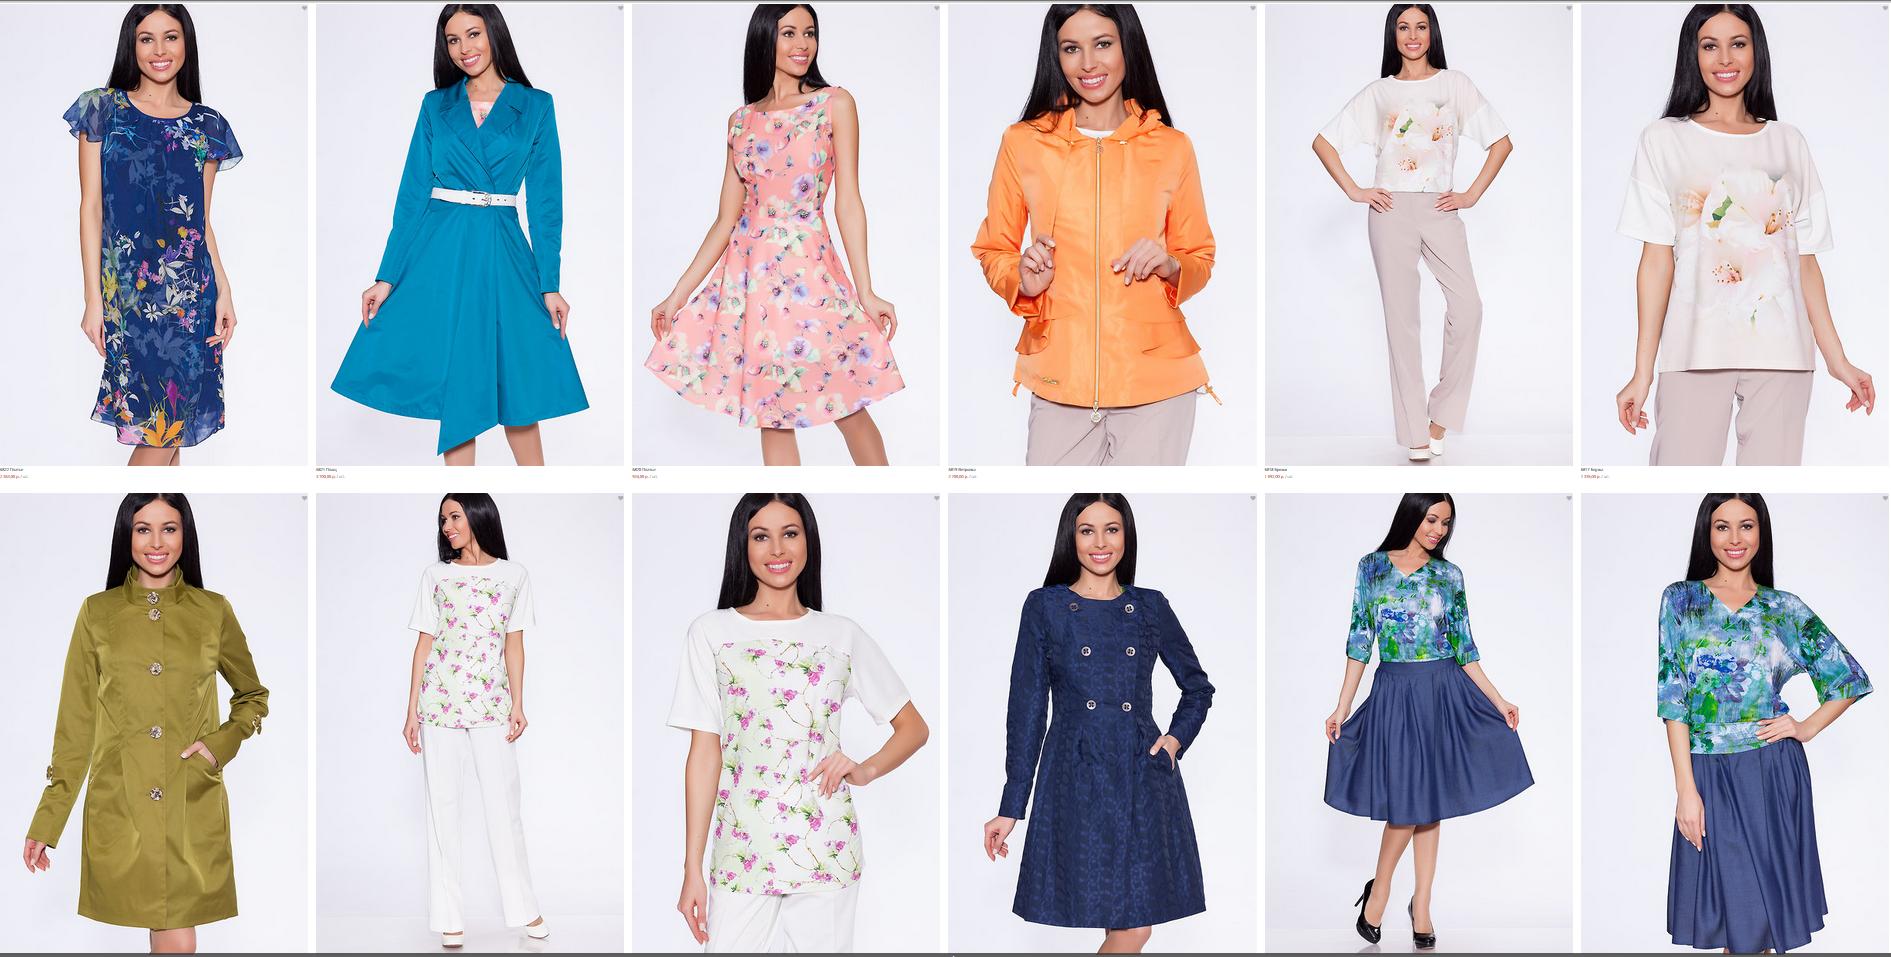 И вновь шикарные новинки! Изысканная одежда от Allys Fashion. Роскошные ткани, оригинальный дизайн, утонченный стиль